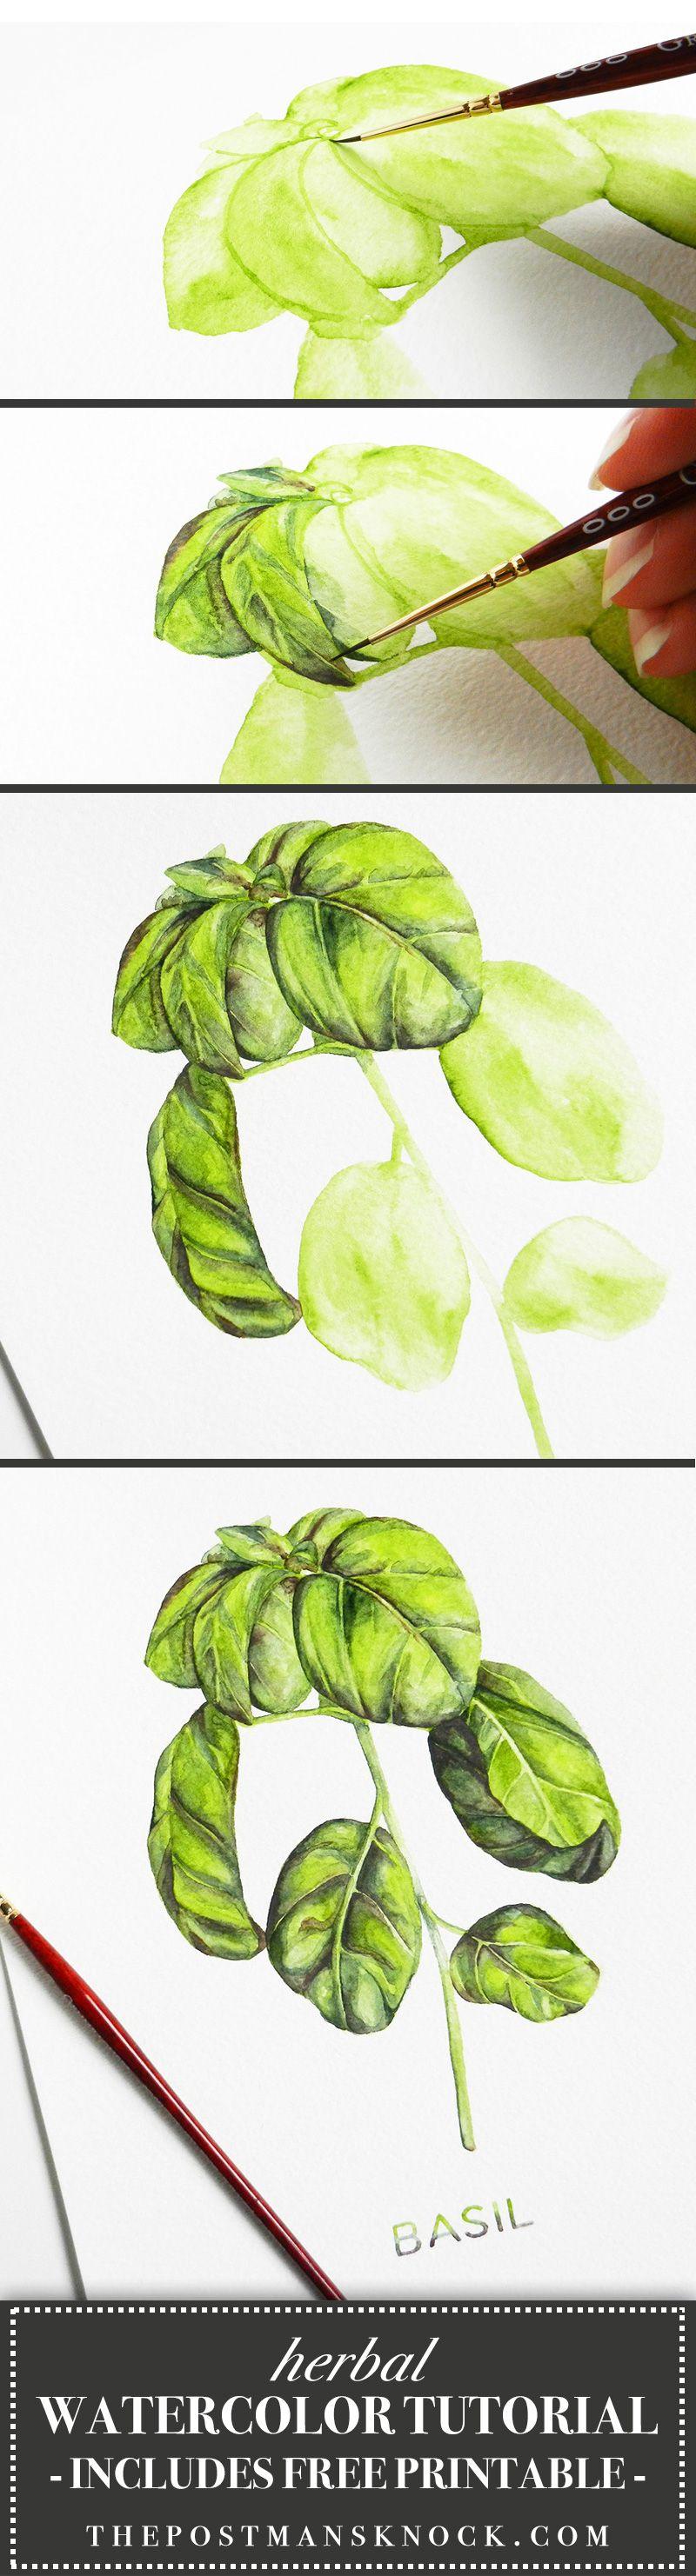 Herbal watercolor tutorial a free printable beautiful